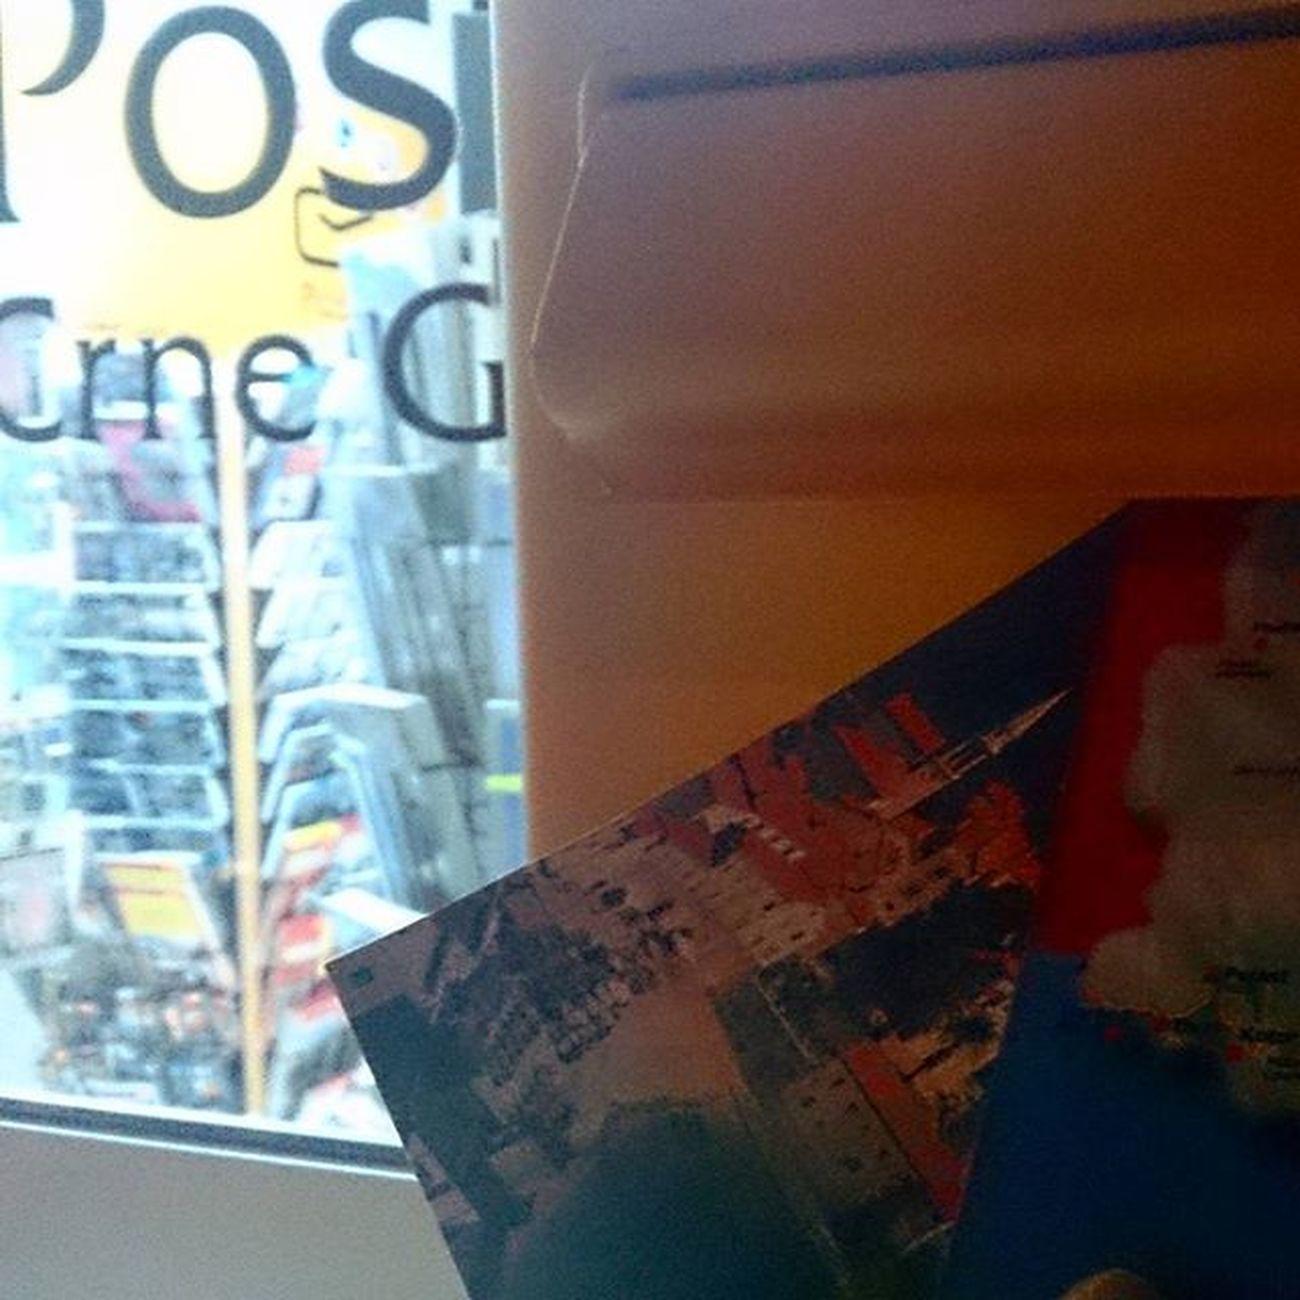 приветы друзьям открытка почта нероссии даритерадость хорошеенастроение postcard good mood friend hello present